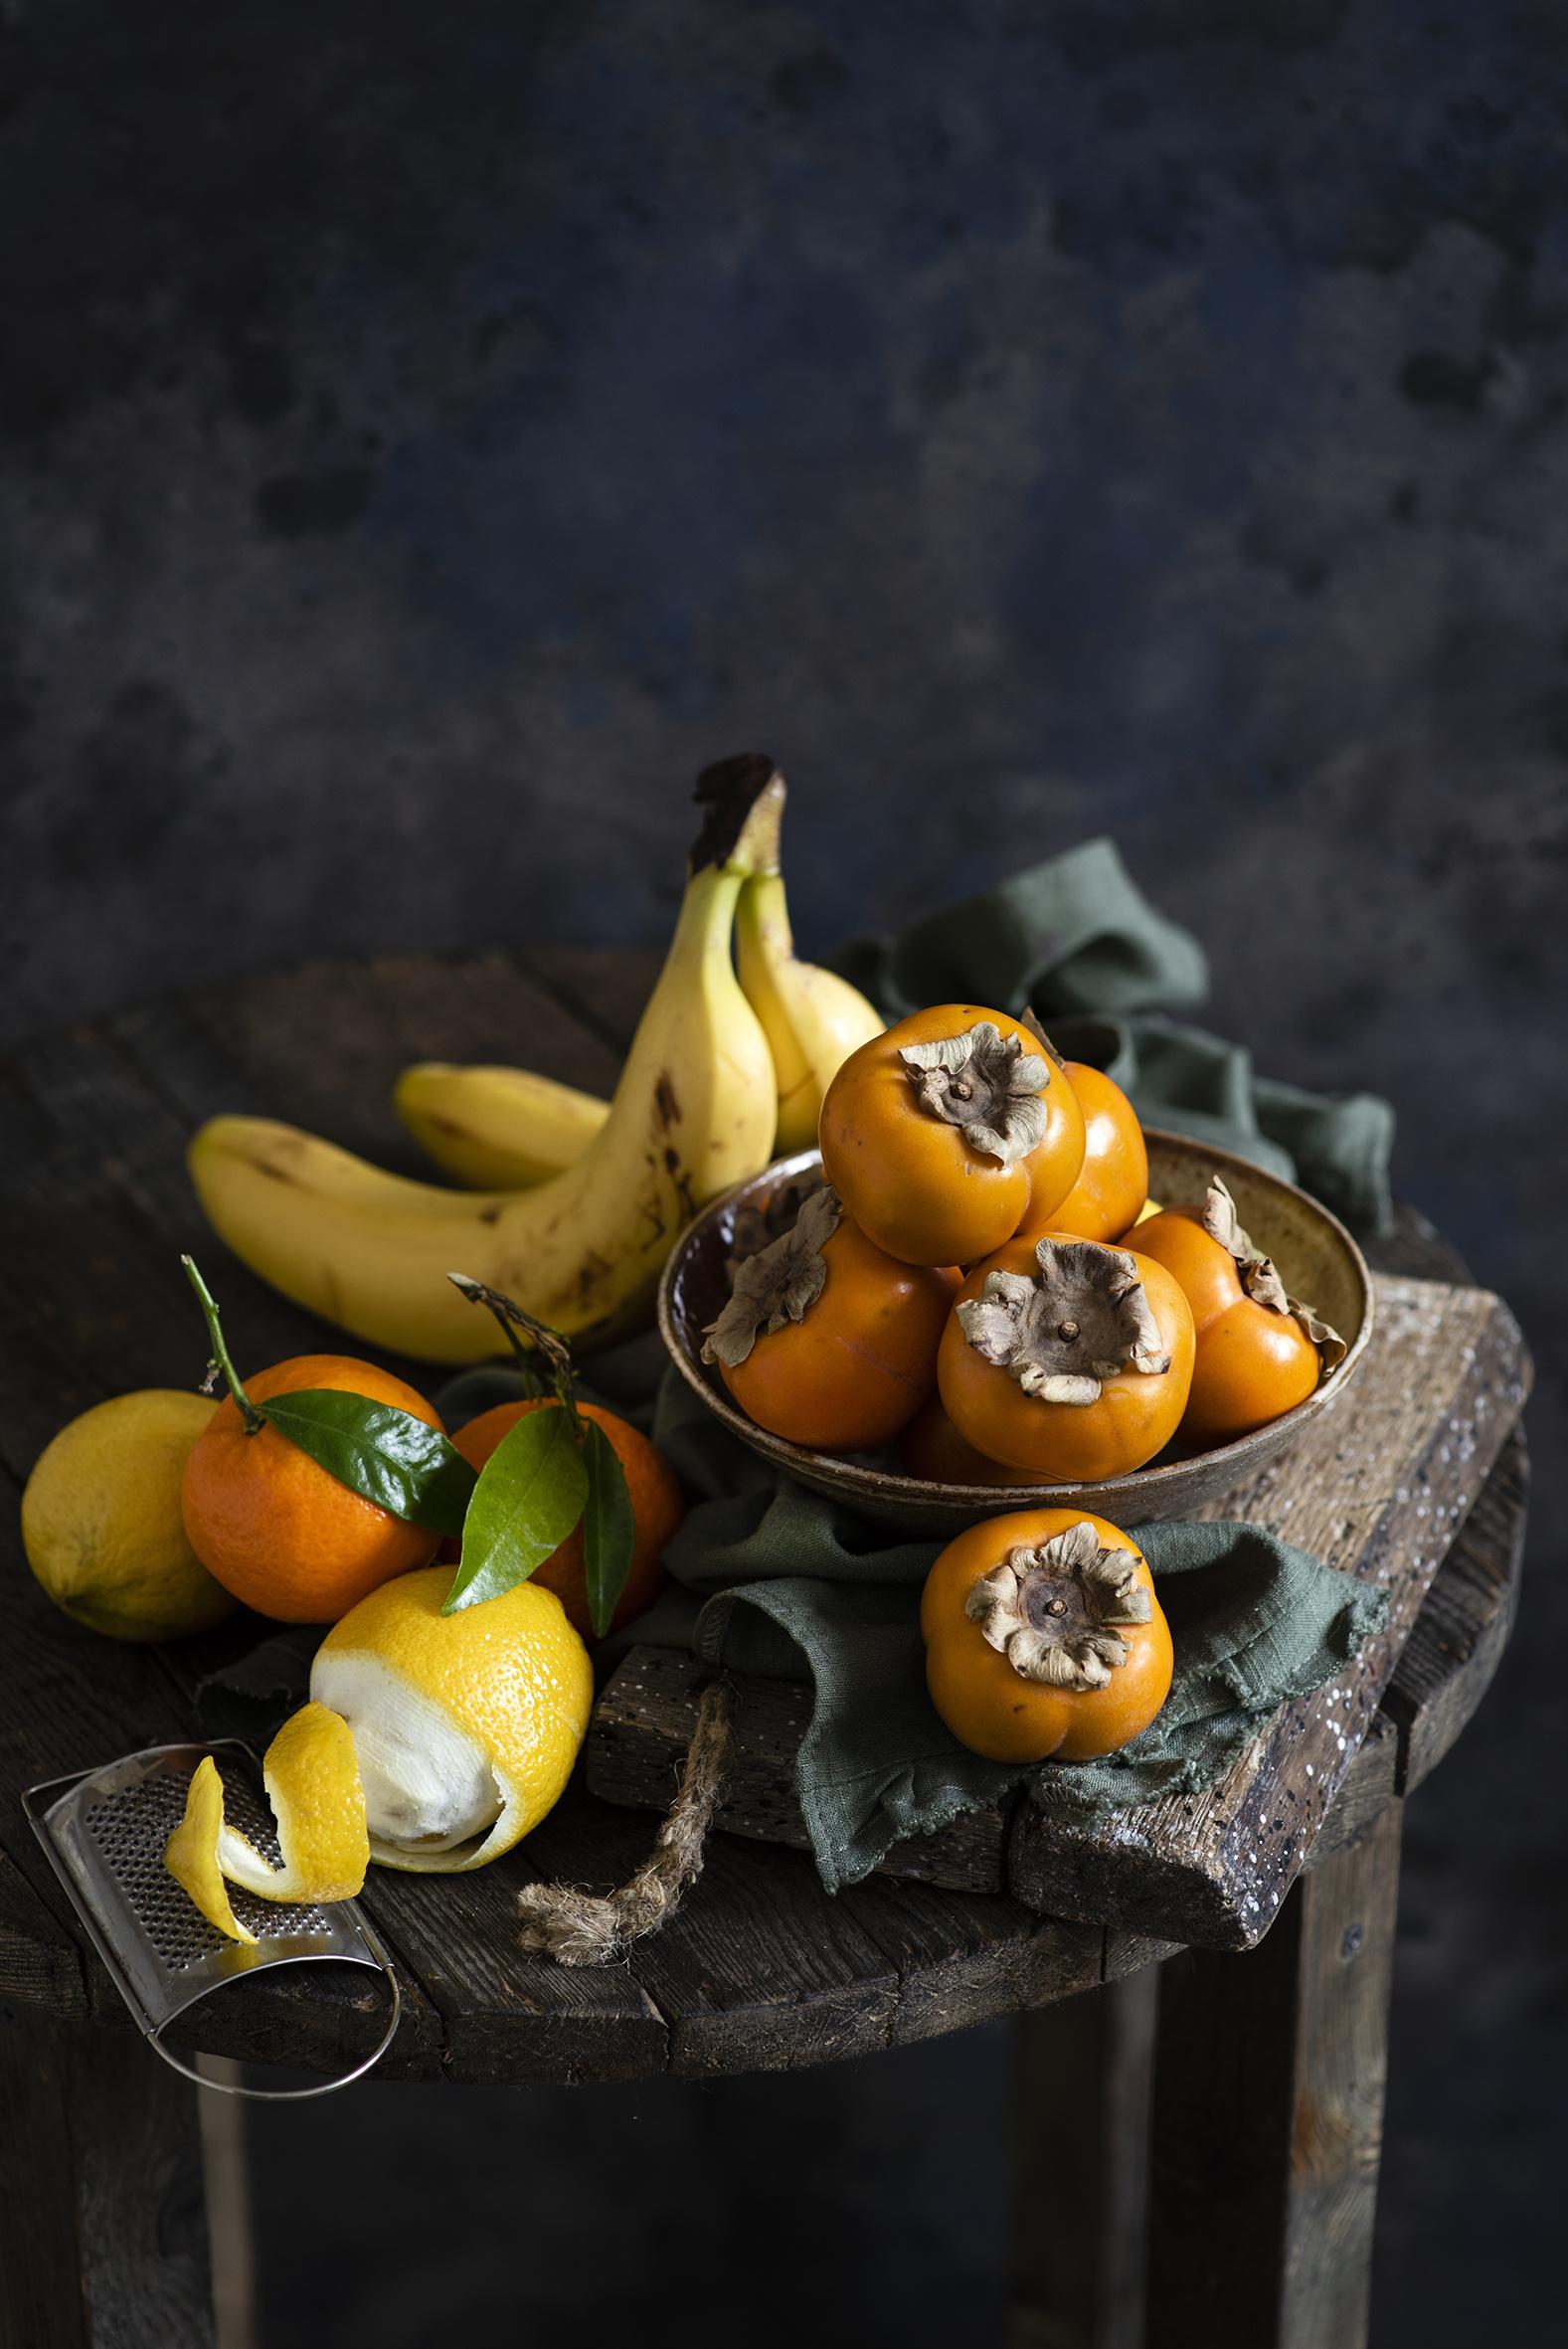 Foto Kaki Orange Frucht Bananen Zitrone Obst Lebensmittel Stillleben  für Handy Apfelsine Zitronen das Essen